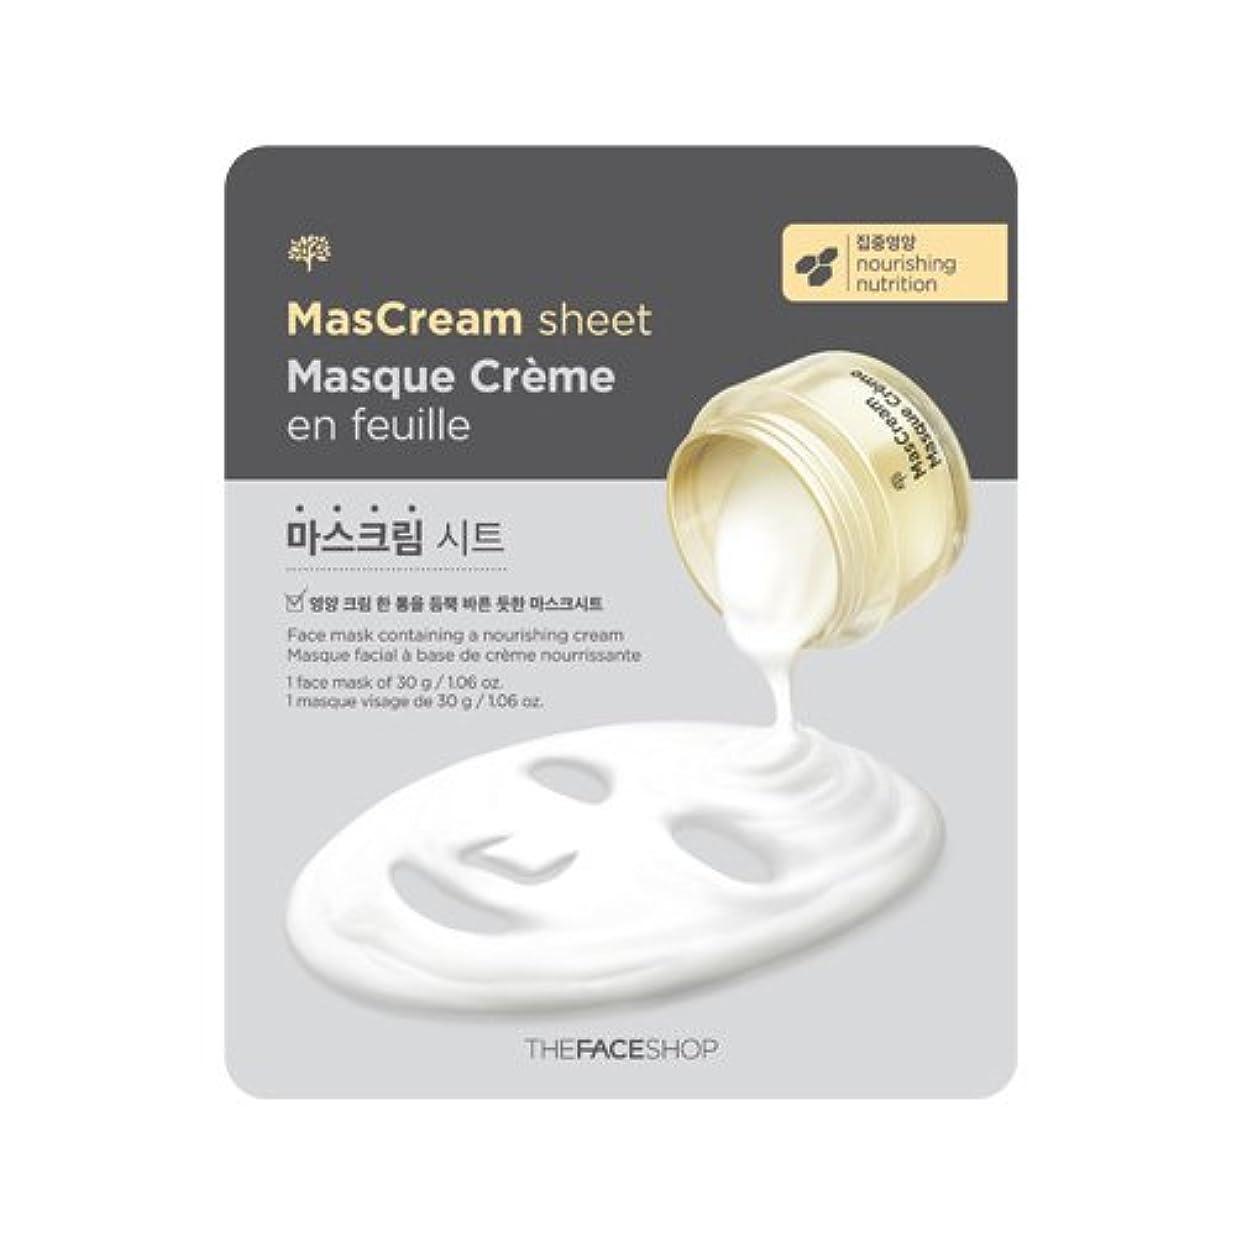 タイトスペア血色の良いザフェイスショップ [THE FACE SHOP] MASCREAM SHEET x 2sheets マスクリームパック 2枚 (栄養 / NOURISHING) [並行輸入品]